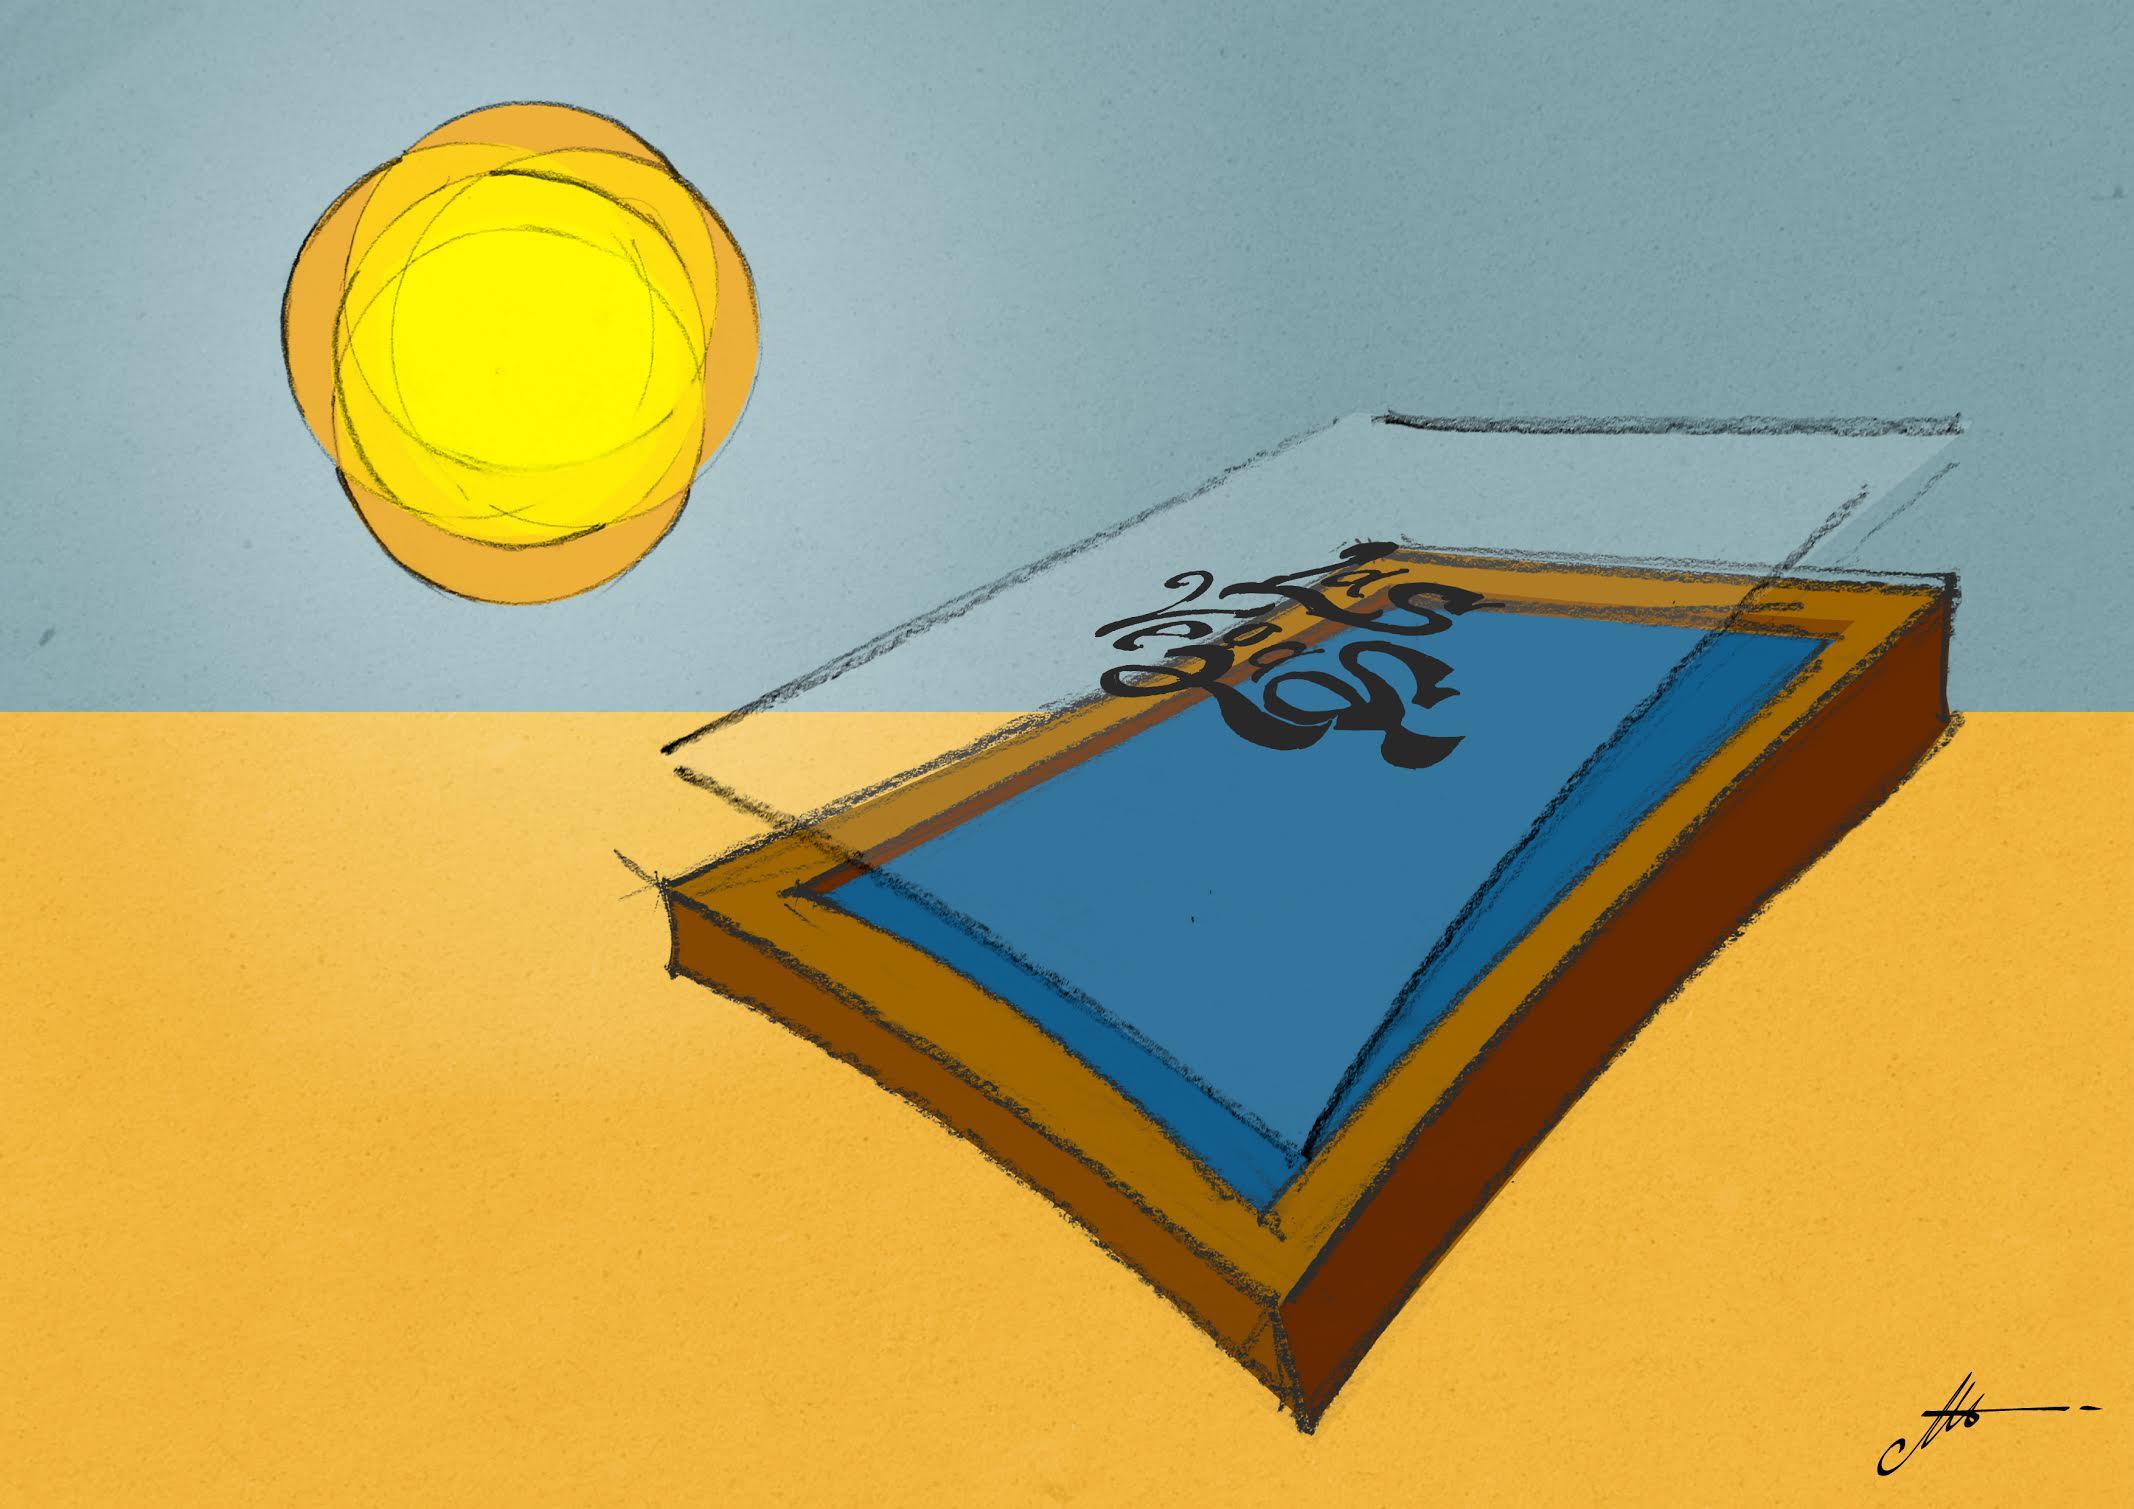 insoler les écrans avec la lumière du soleil